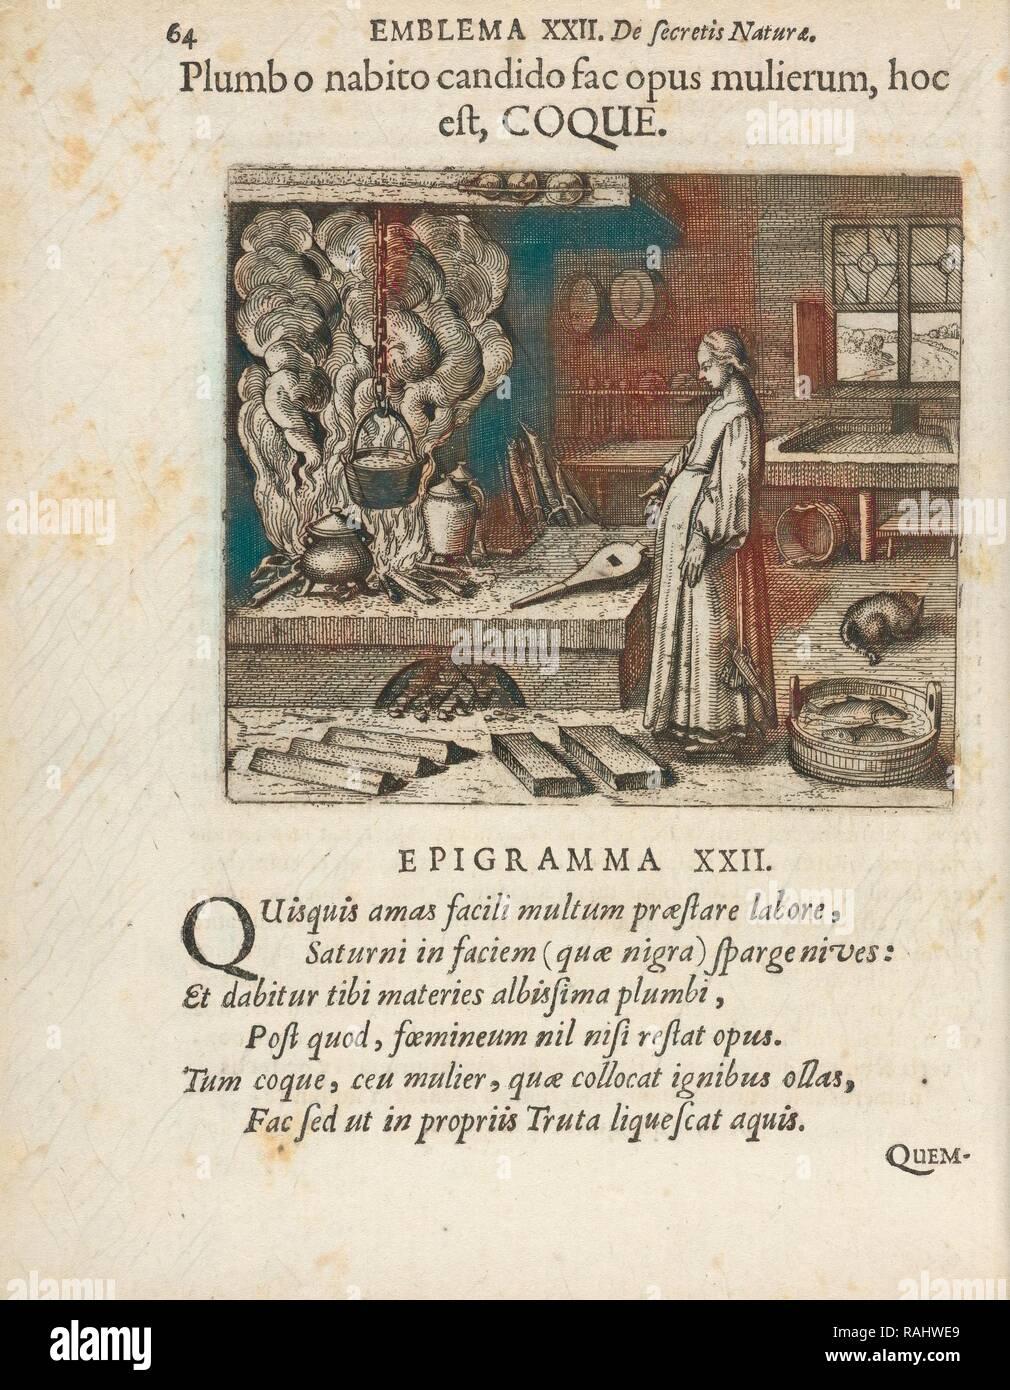 Emblema XXII: Plumb o nabito candido fac opus mulierum, hoc est, COQUE. Michaelis Majeri, Secretioris naturae reimagined Stock Photo